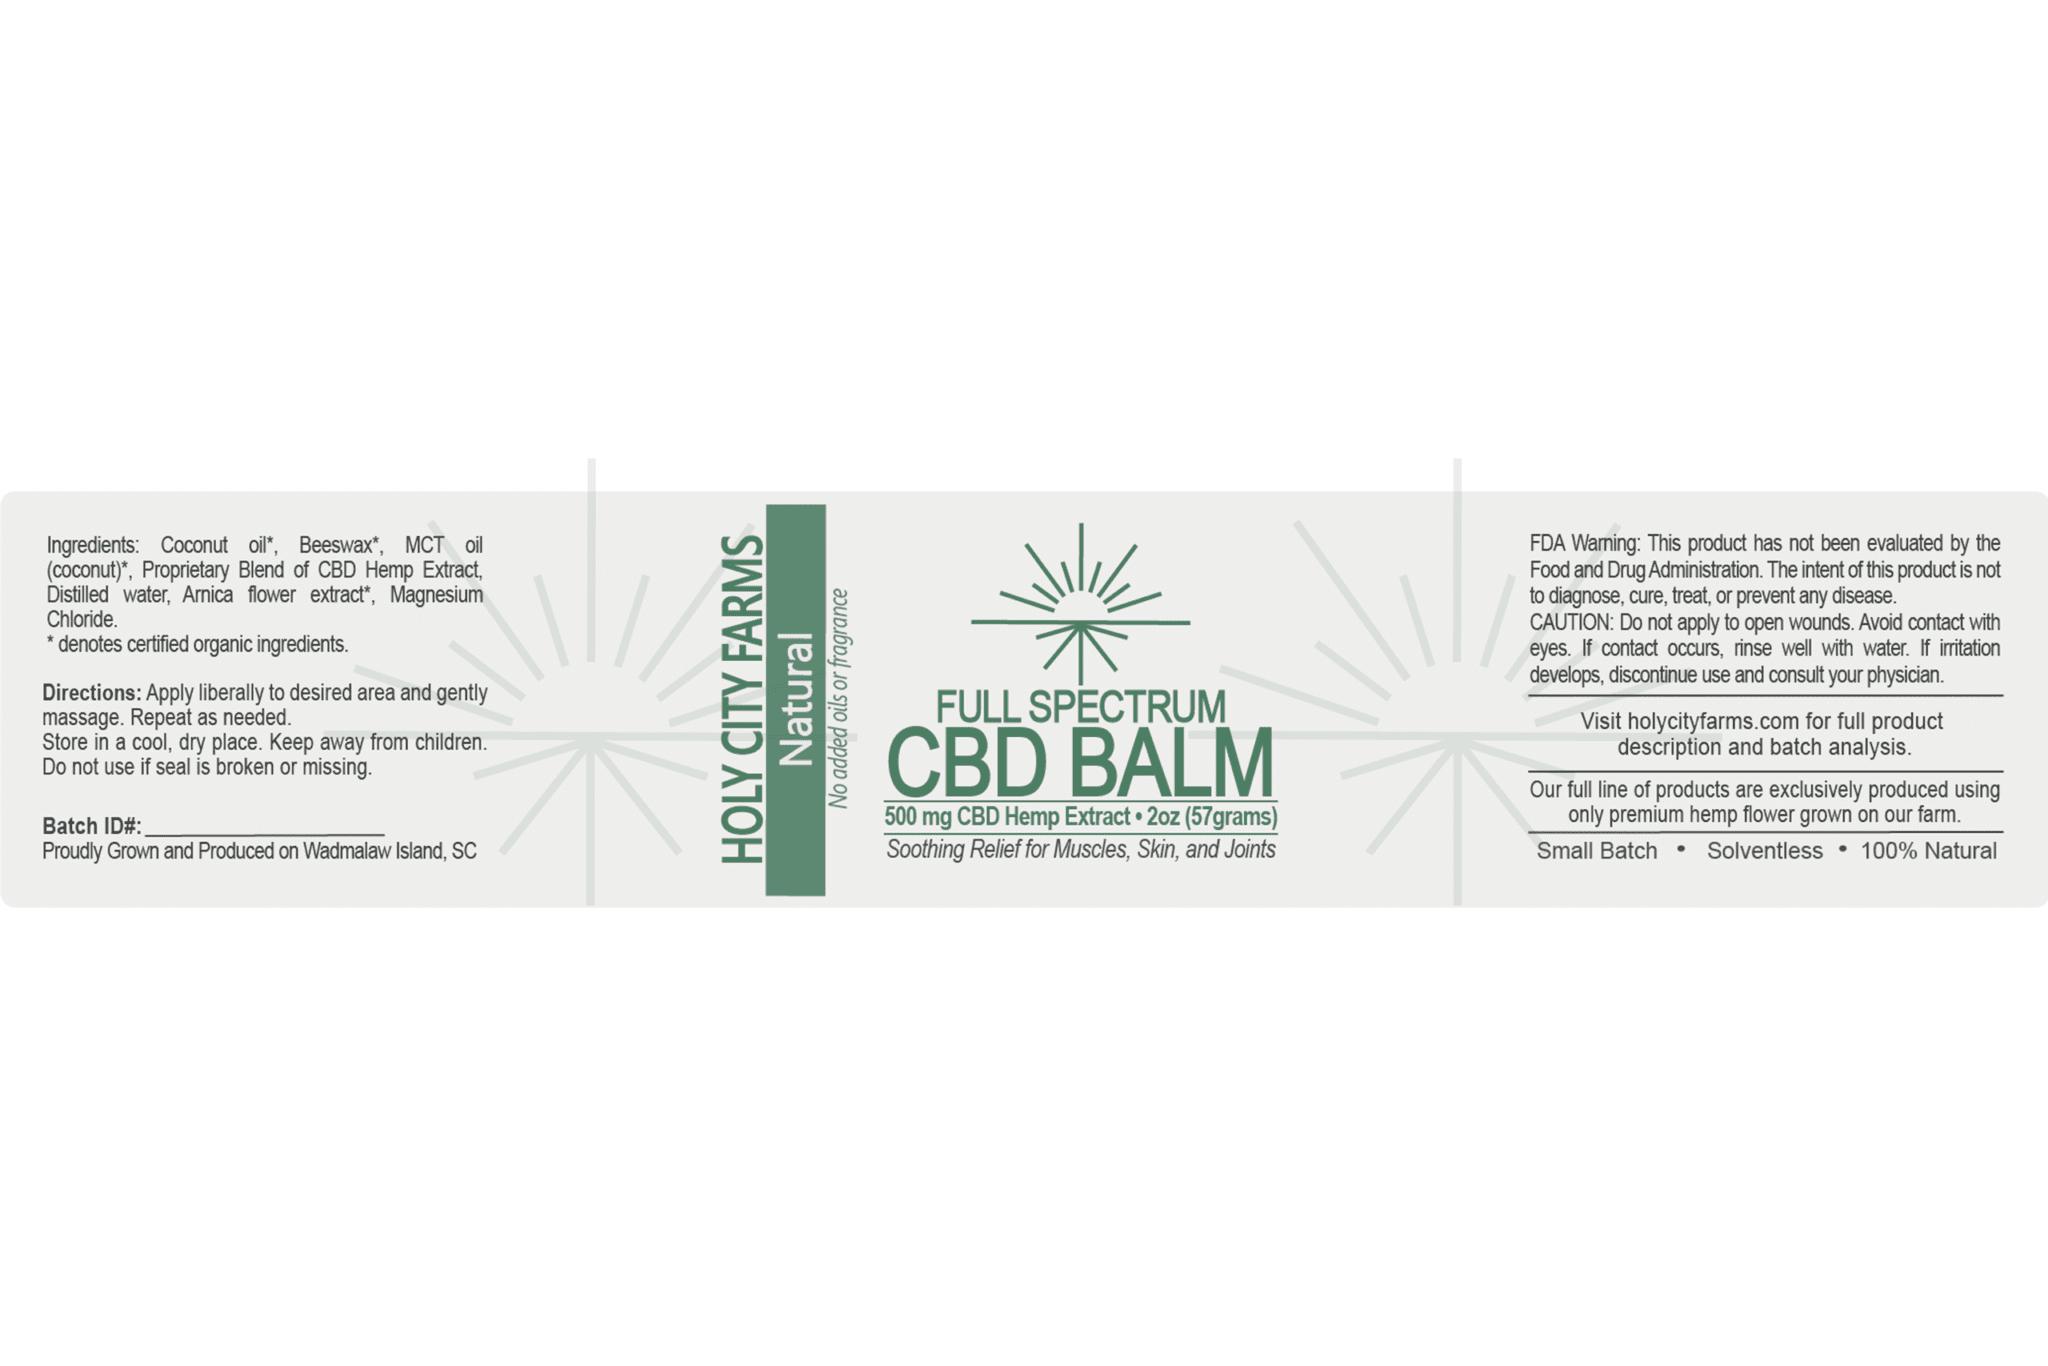 Label for Full Spectrum CBD Balm - natural